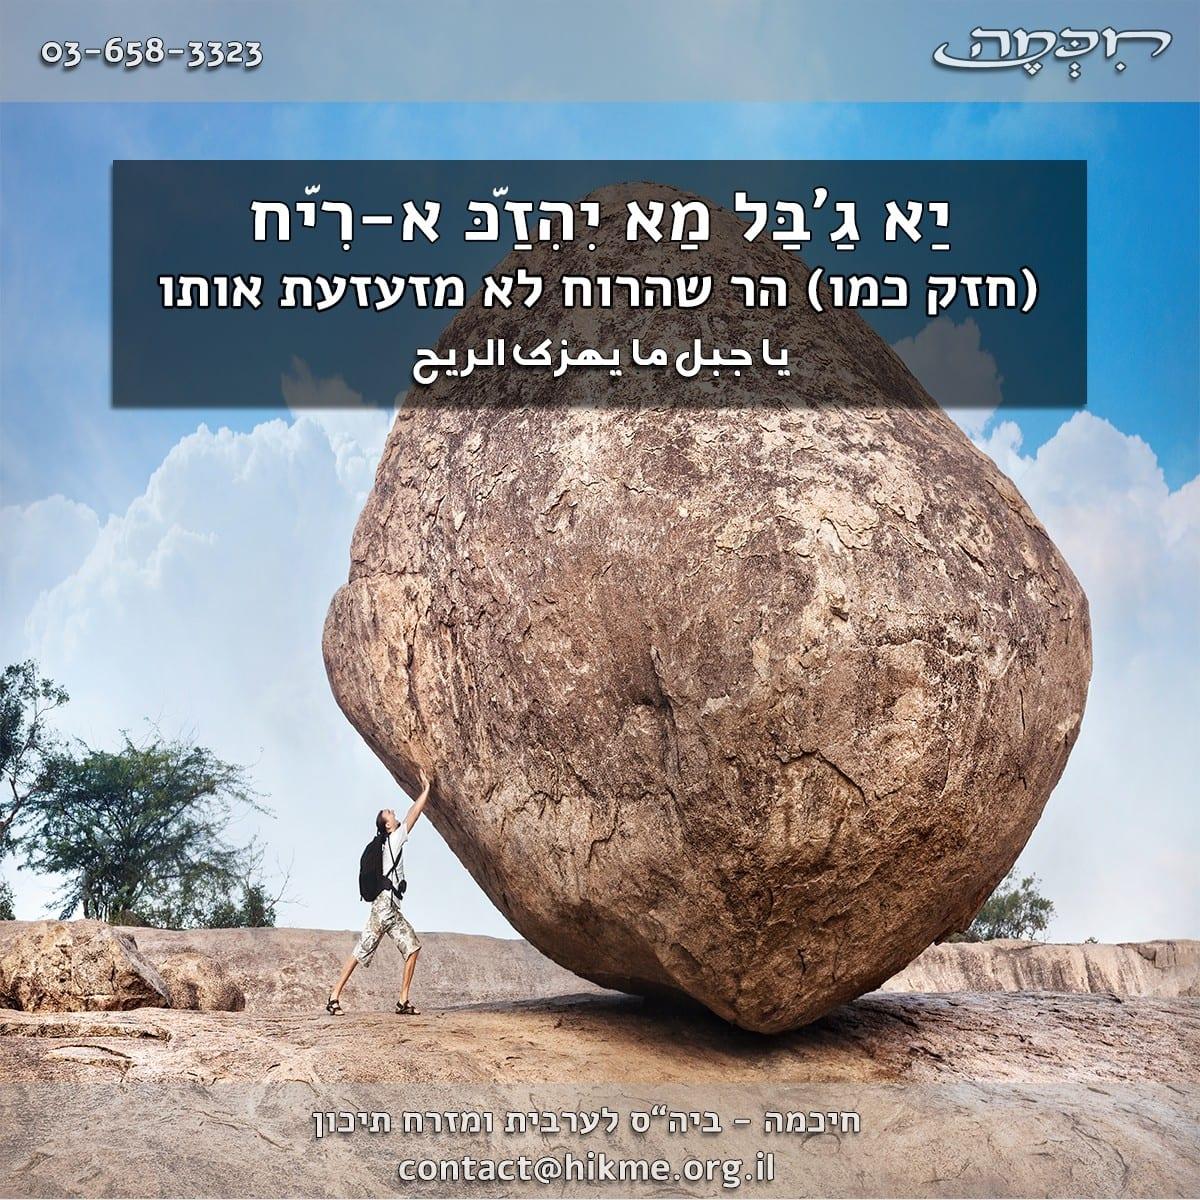 ביטוי בערבית הר שהרוח לא יכולה לו